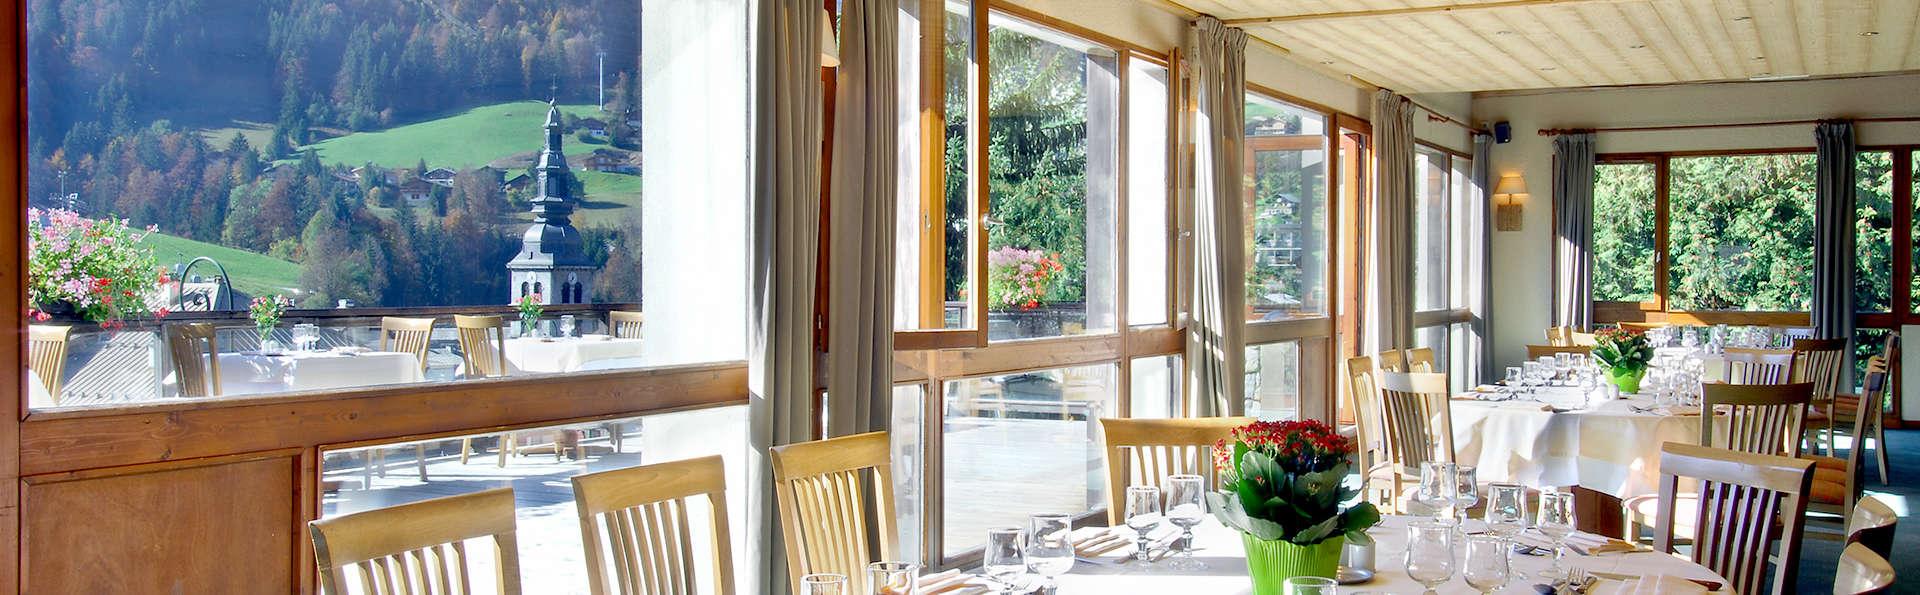 Offre tout inclus: Week-end détente avec dîner à la Clusaz